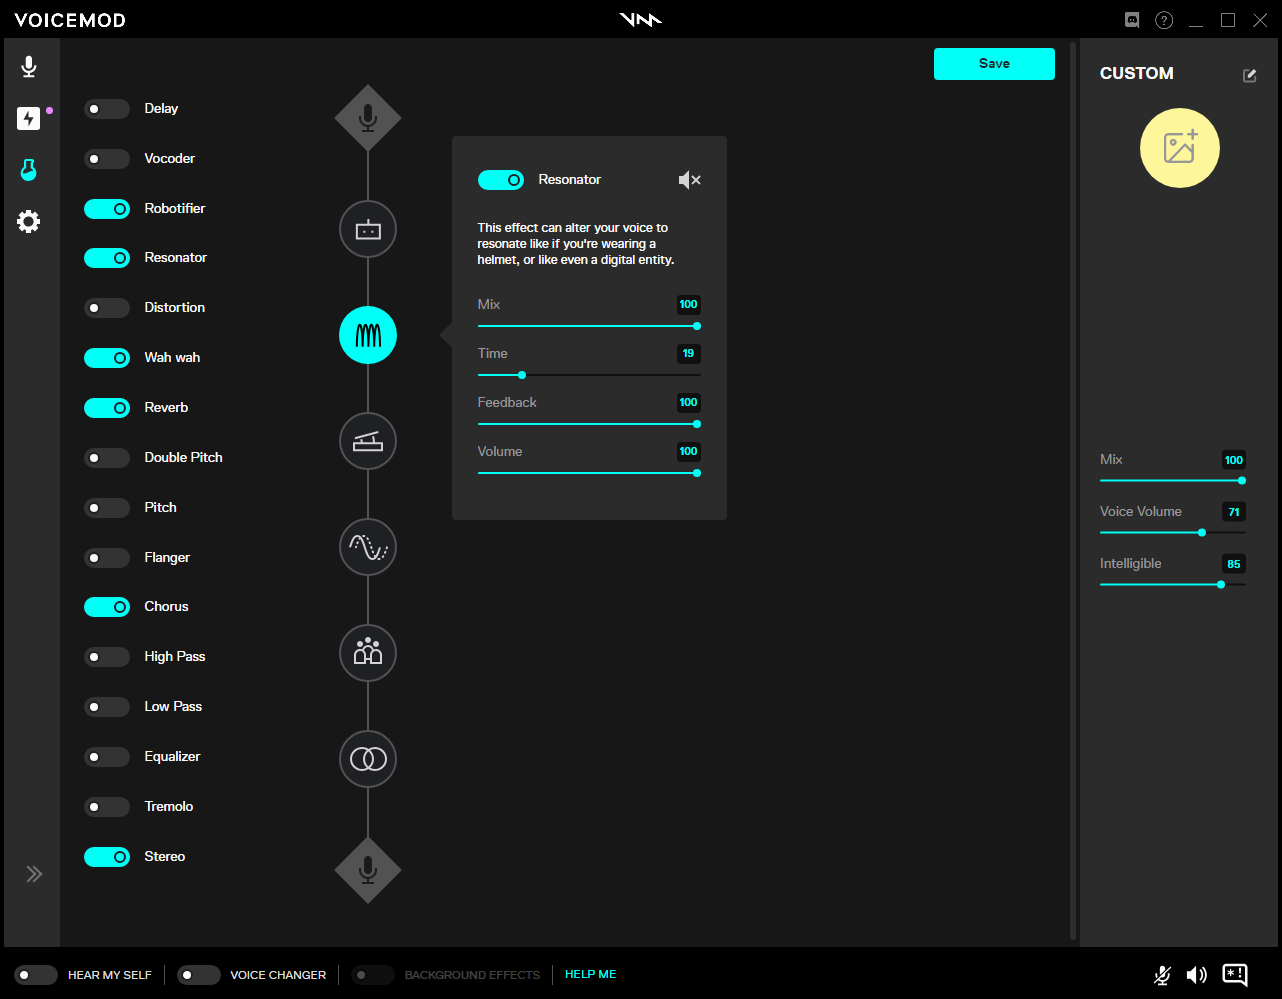 Voicemod Pro Crack 2.10.0.0 License Keygen Free Download